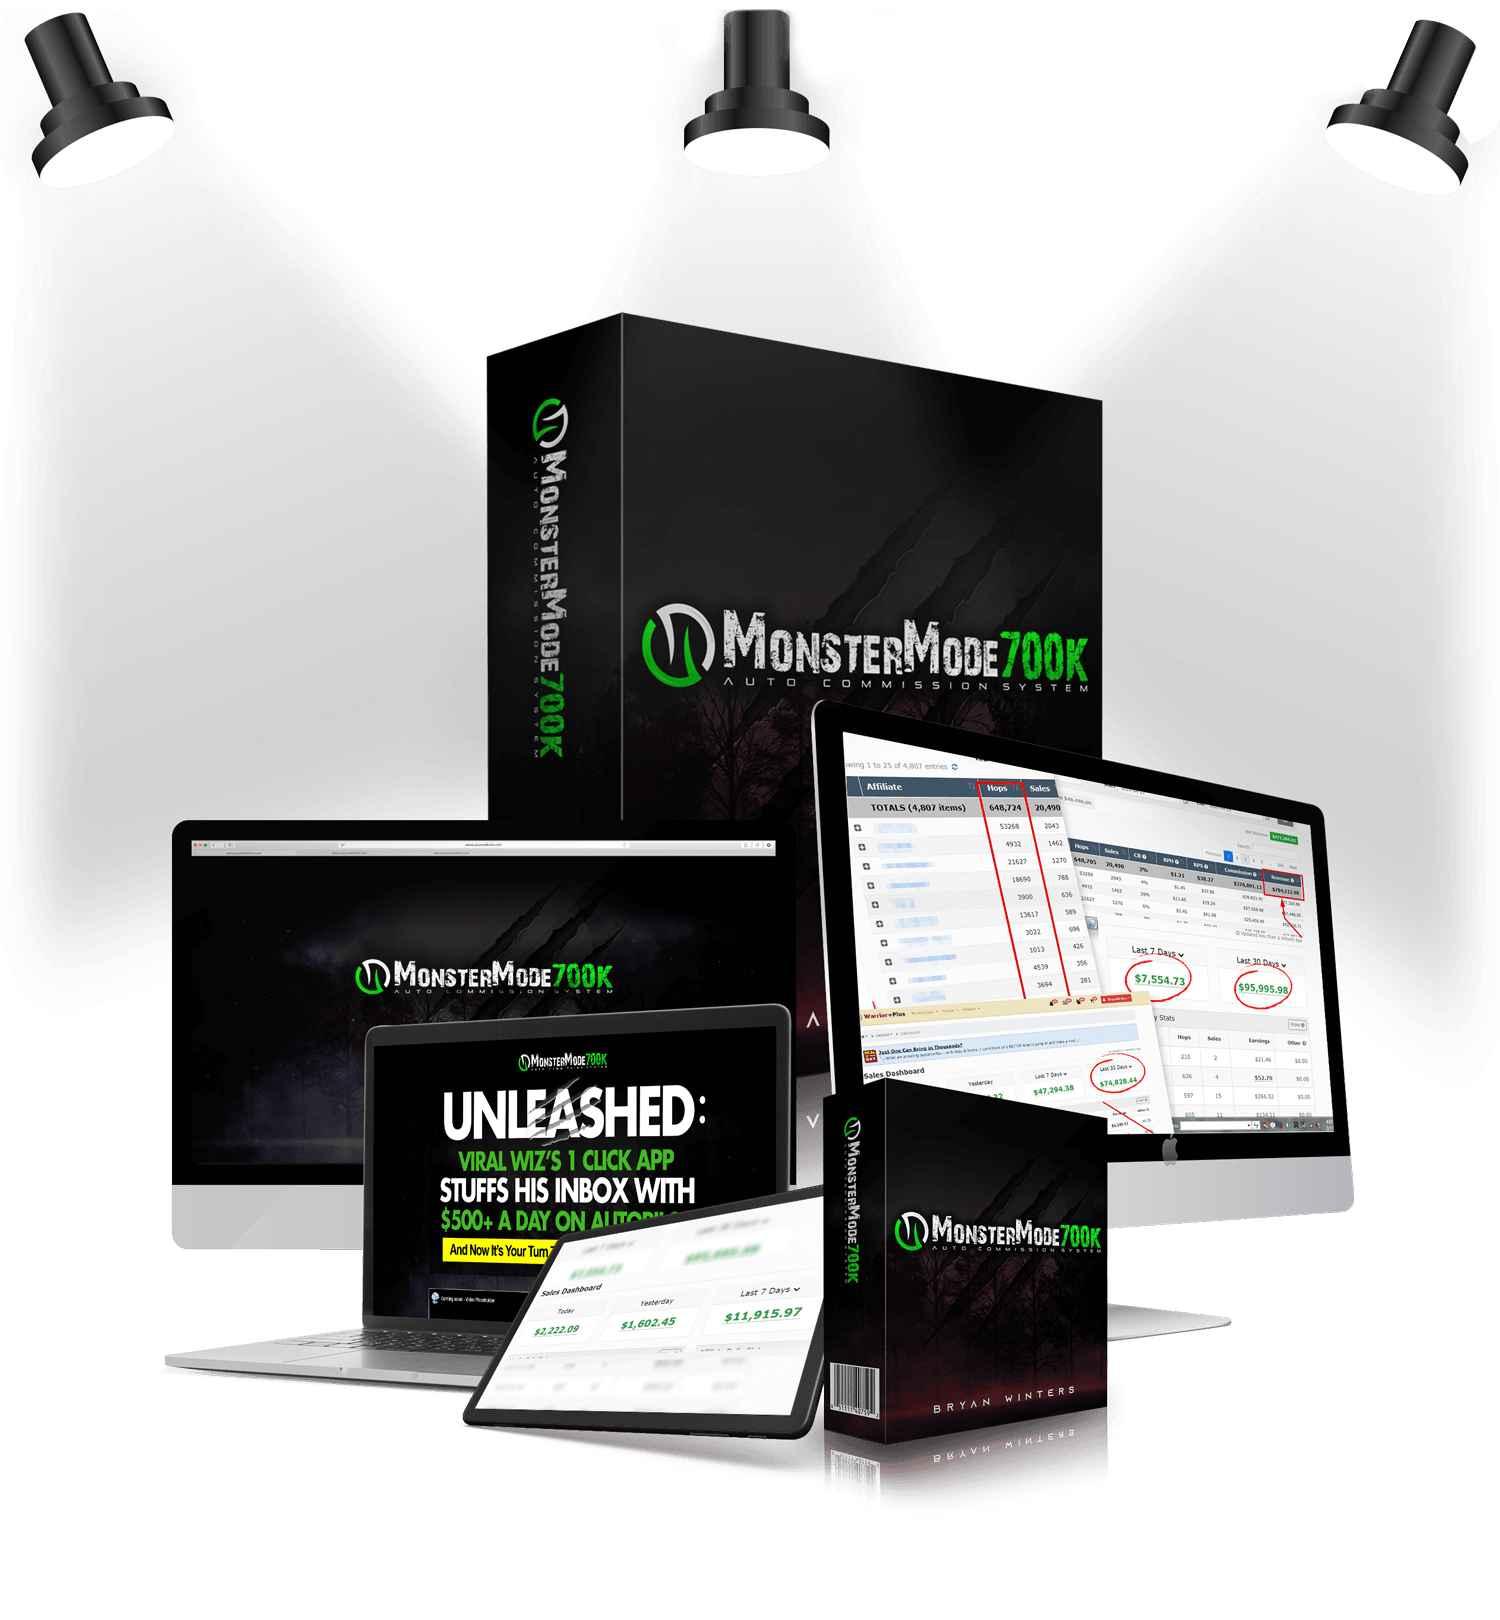 Monstermode 700K